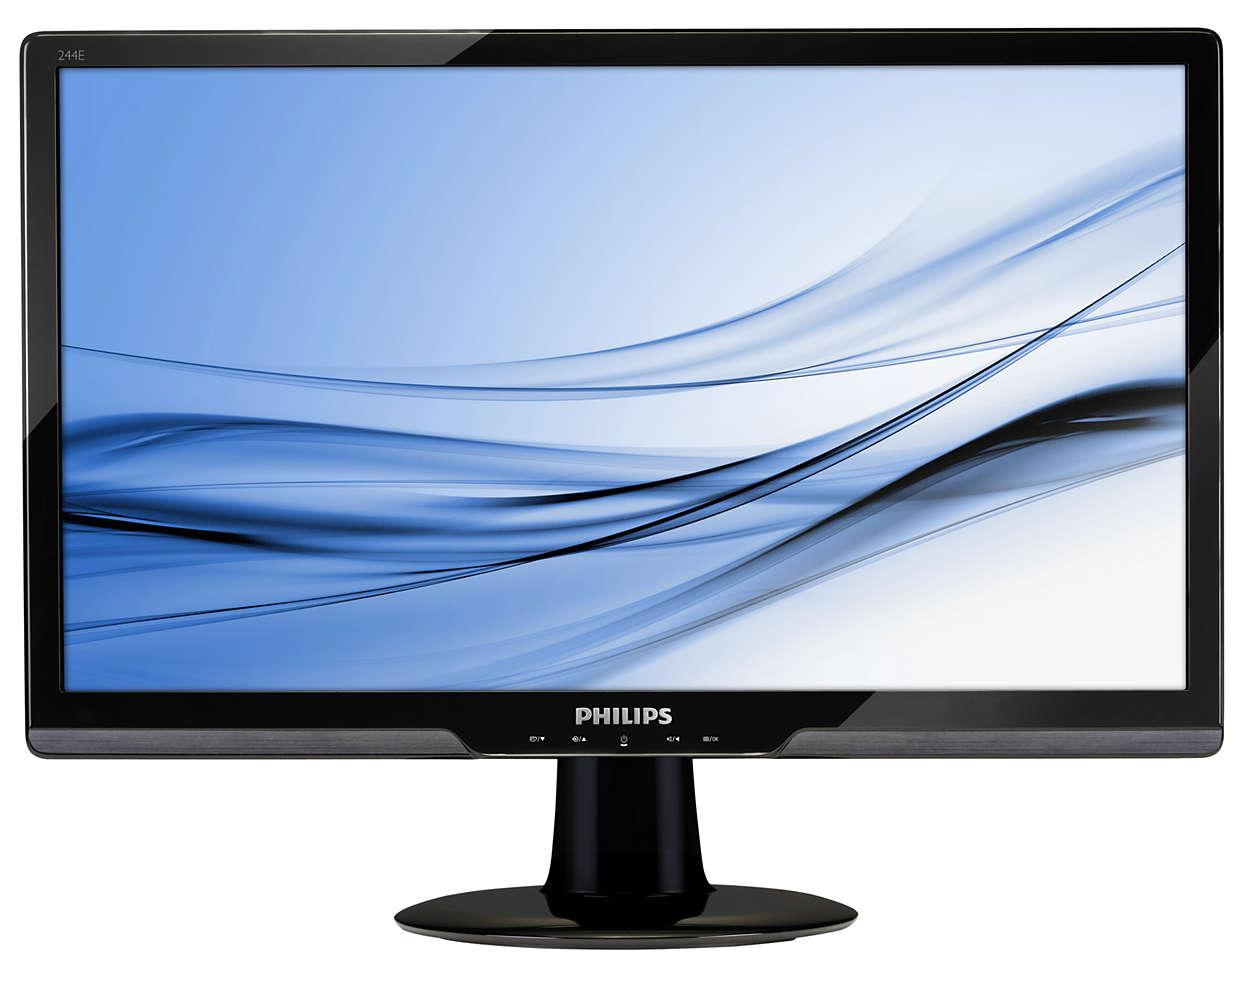 Большой светодиодный дисплей HDMI создан для развлечений